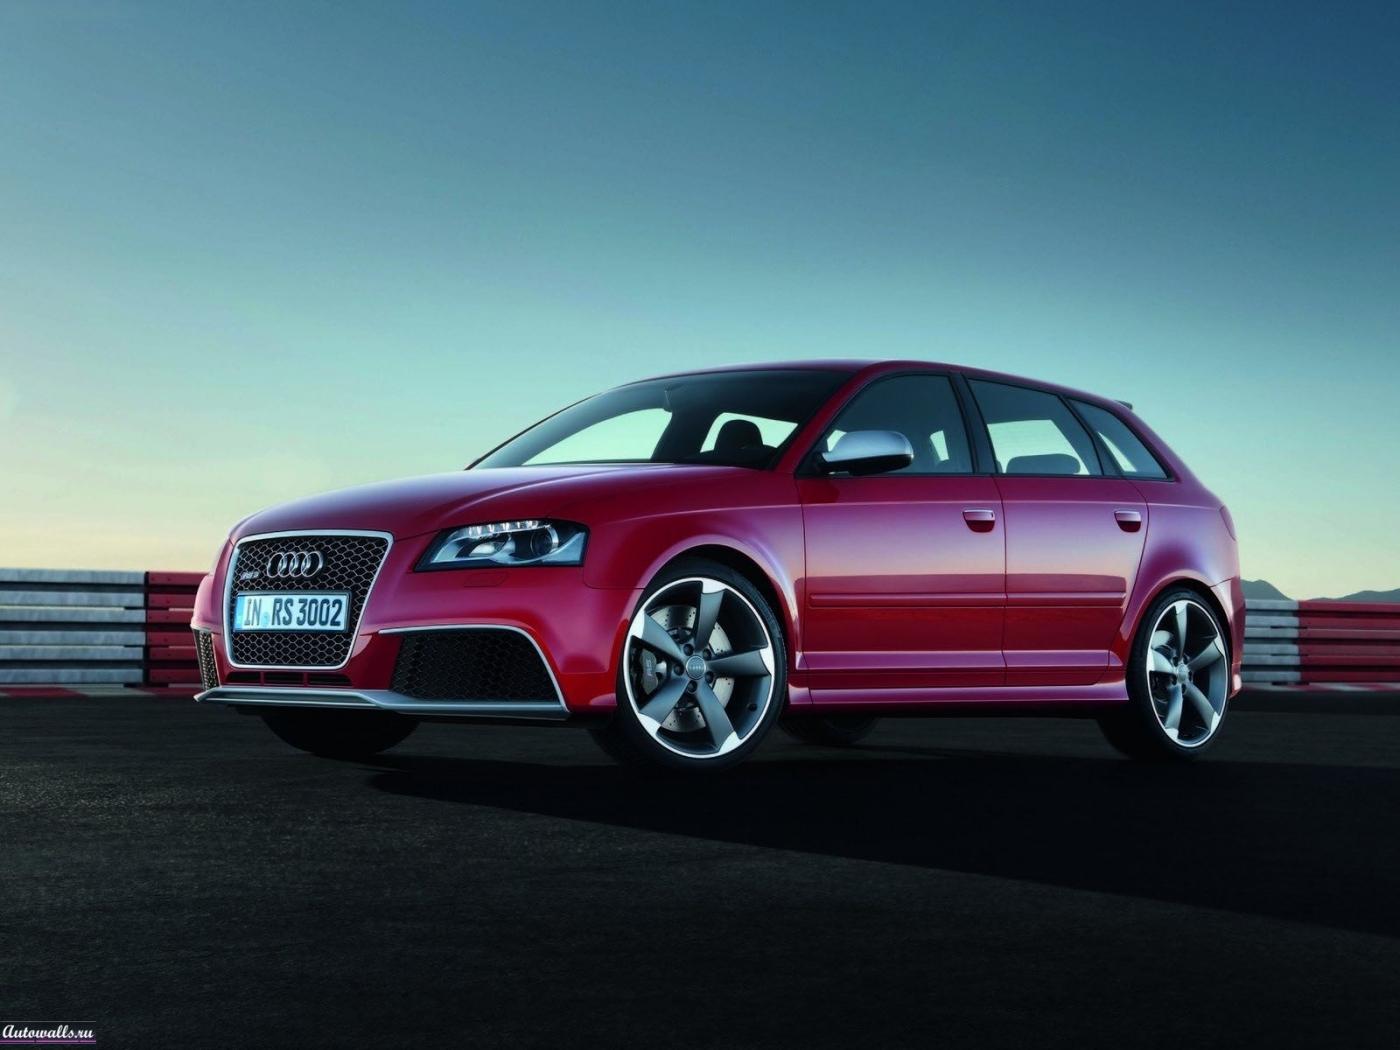 28018 скачать обои Транспорт, Машины, Ауди (Audi) - заставки и картинки бесплатно